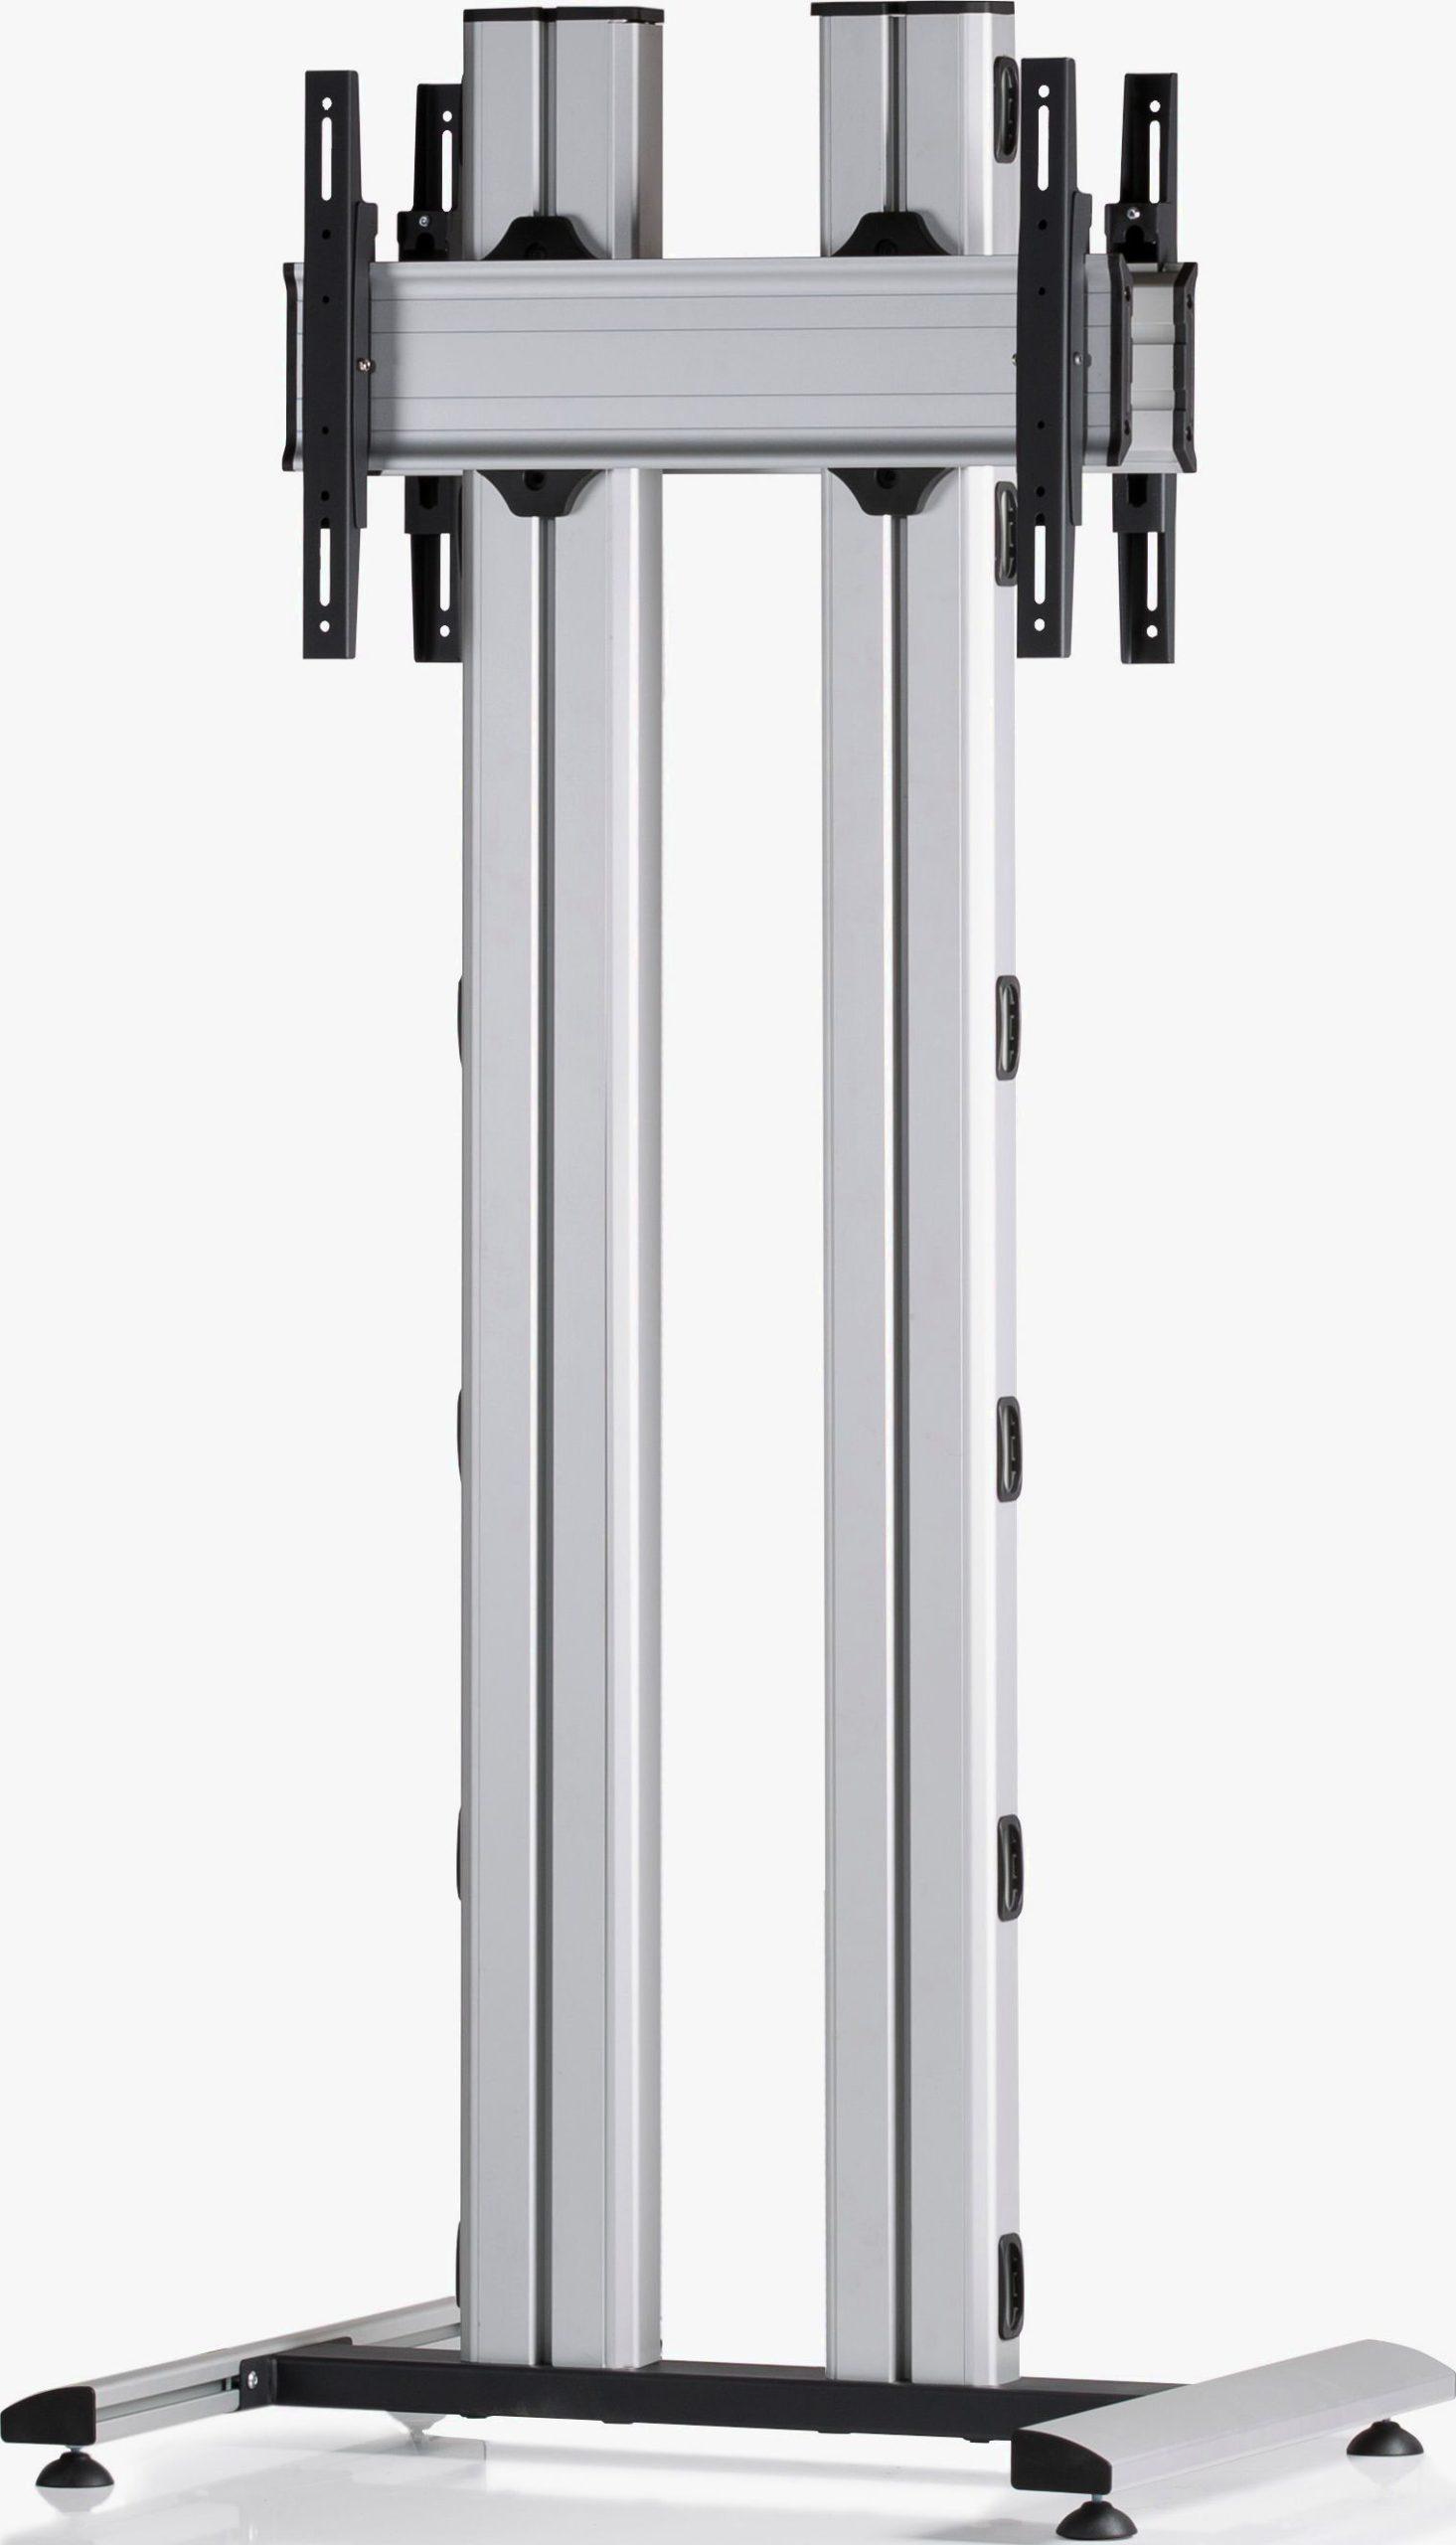 2 Displays 1×1 beidseitig, für große Bildschirme, Höhe 180 cm, Standard-VESA, auf Standfuß